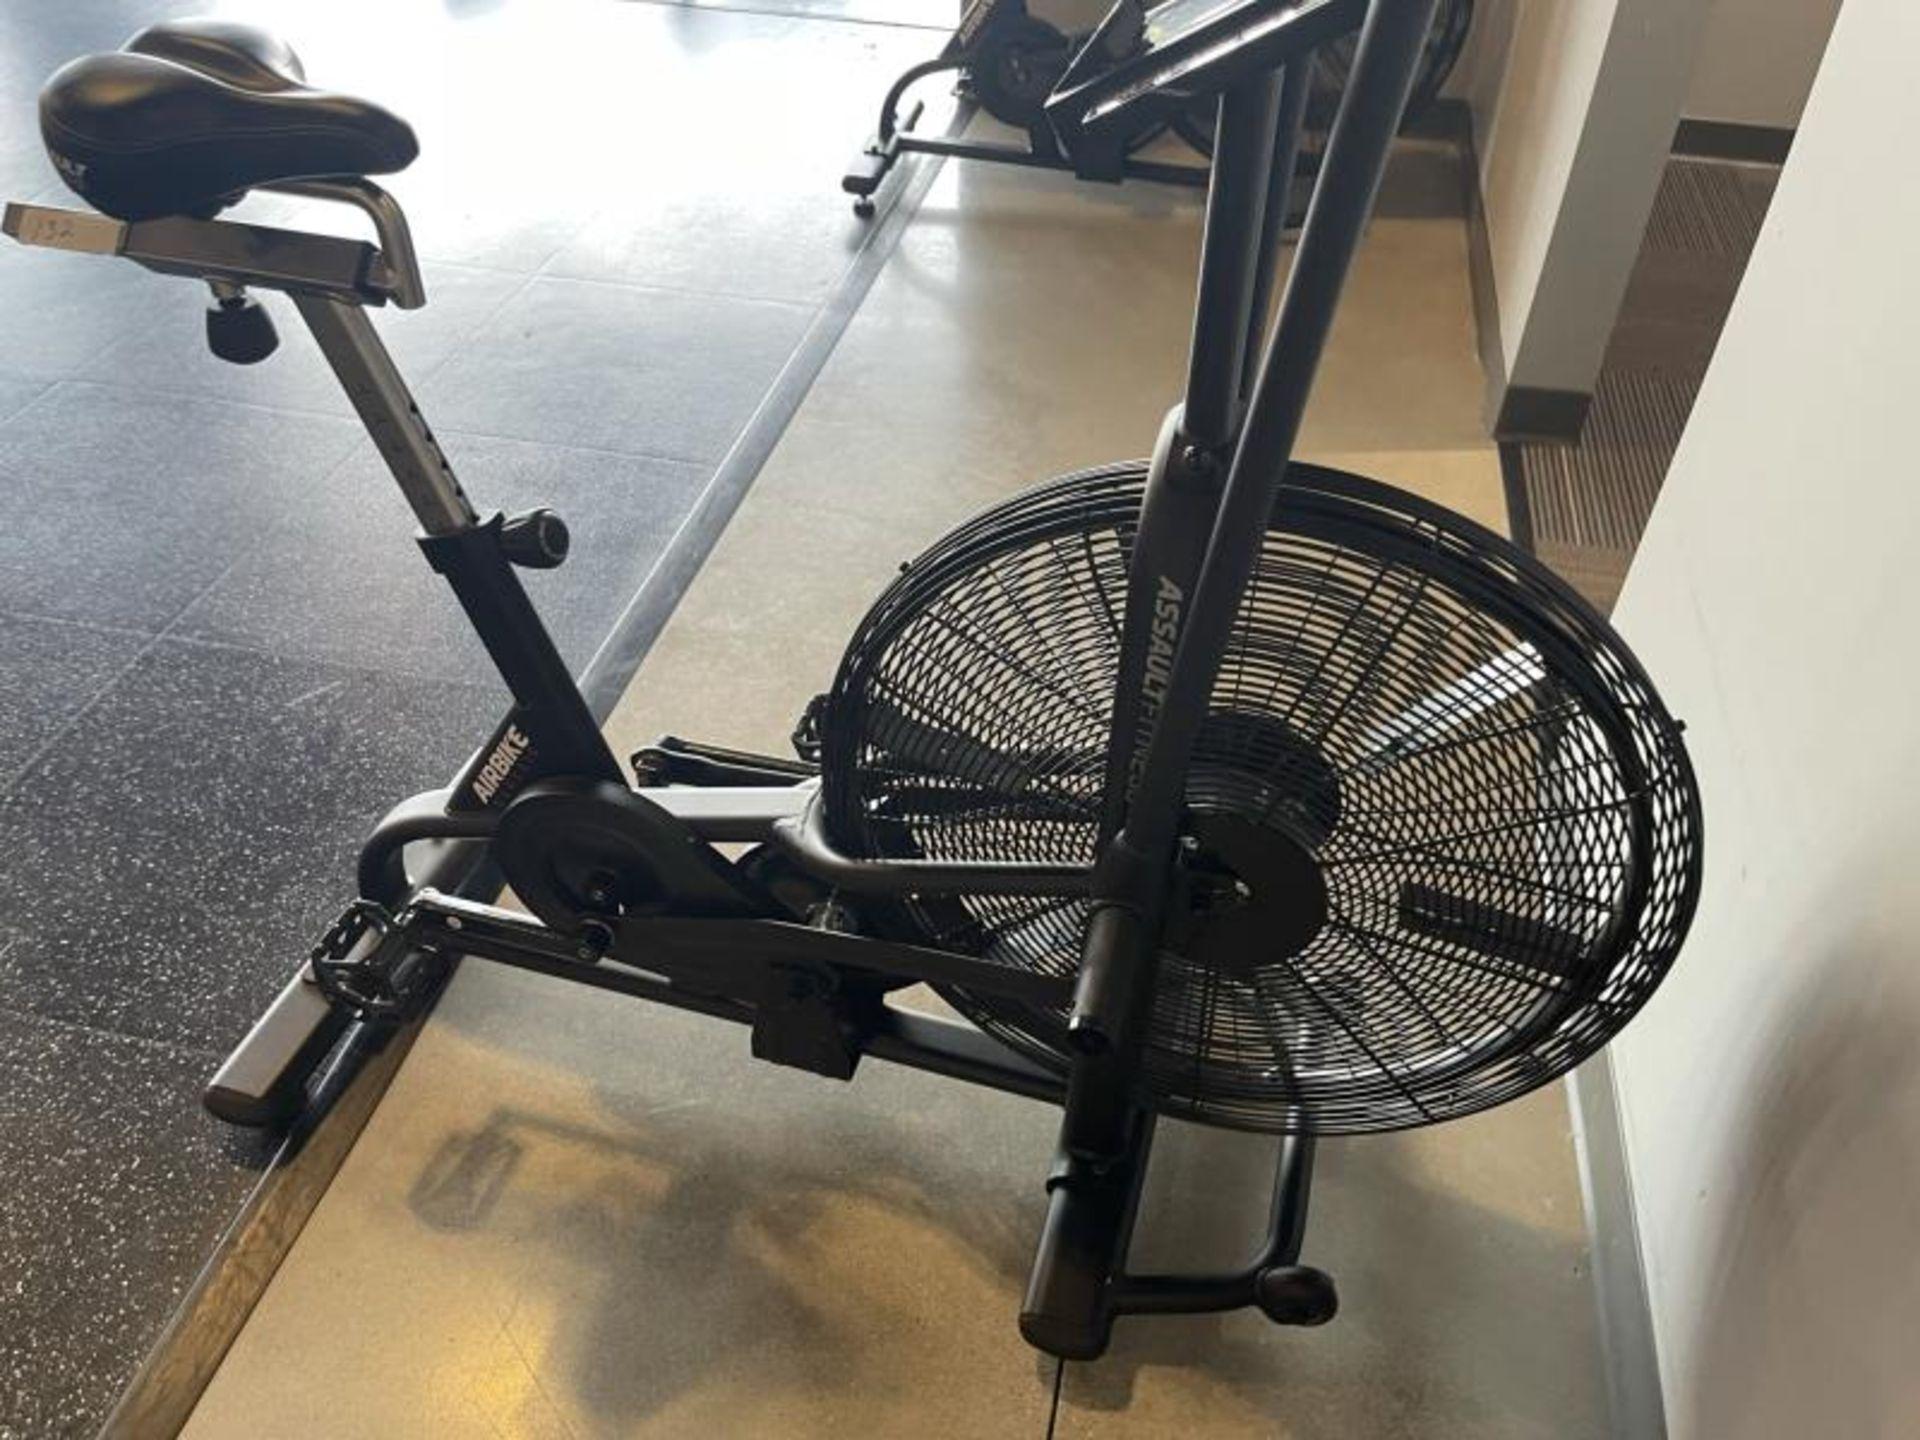 Assault Fitness Air Bike M: ASSAULTAIRBIKE - Image 6 of 6